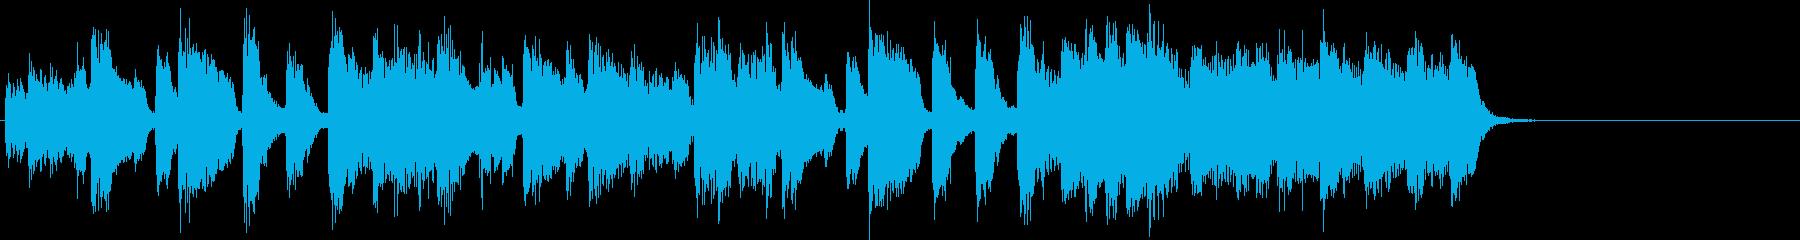 アイドルをイメージしたジングル 8小節Aの再生済みの波形